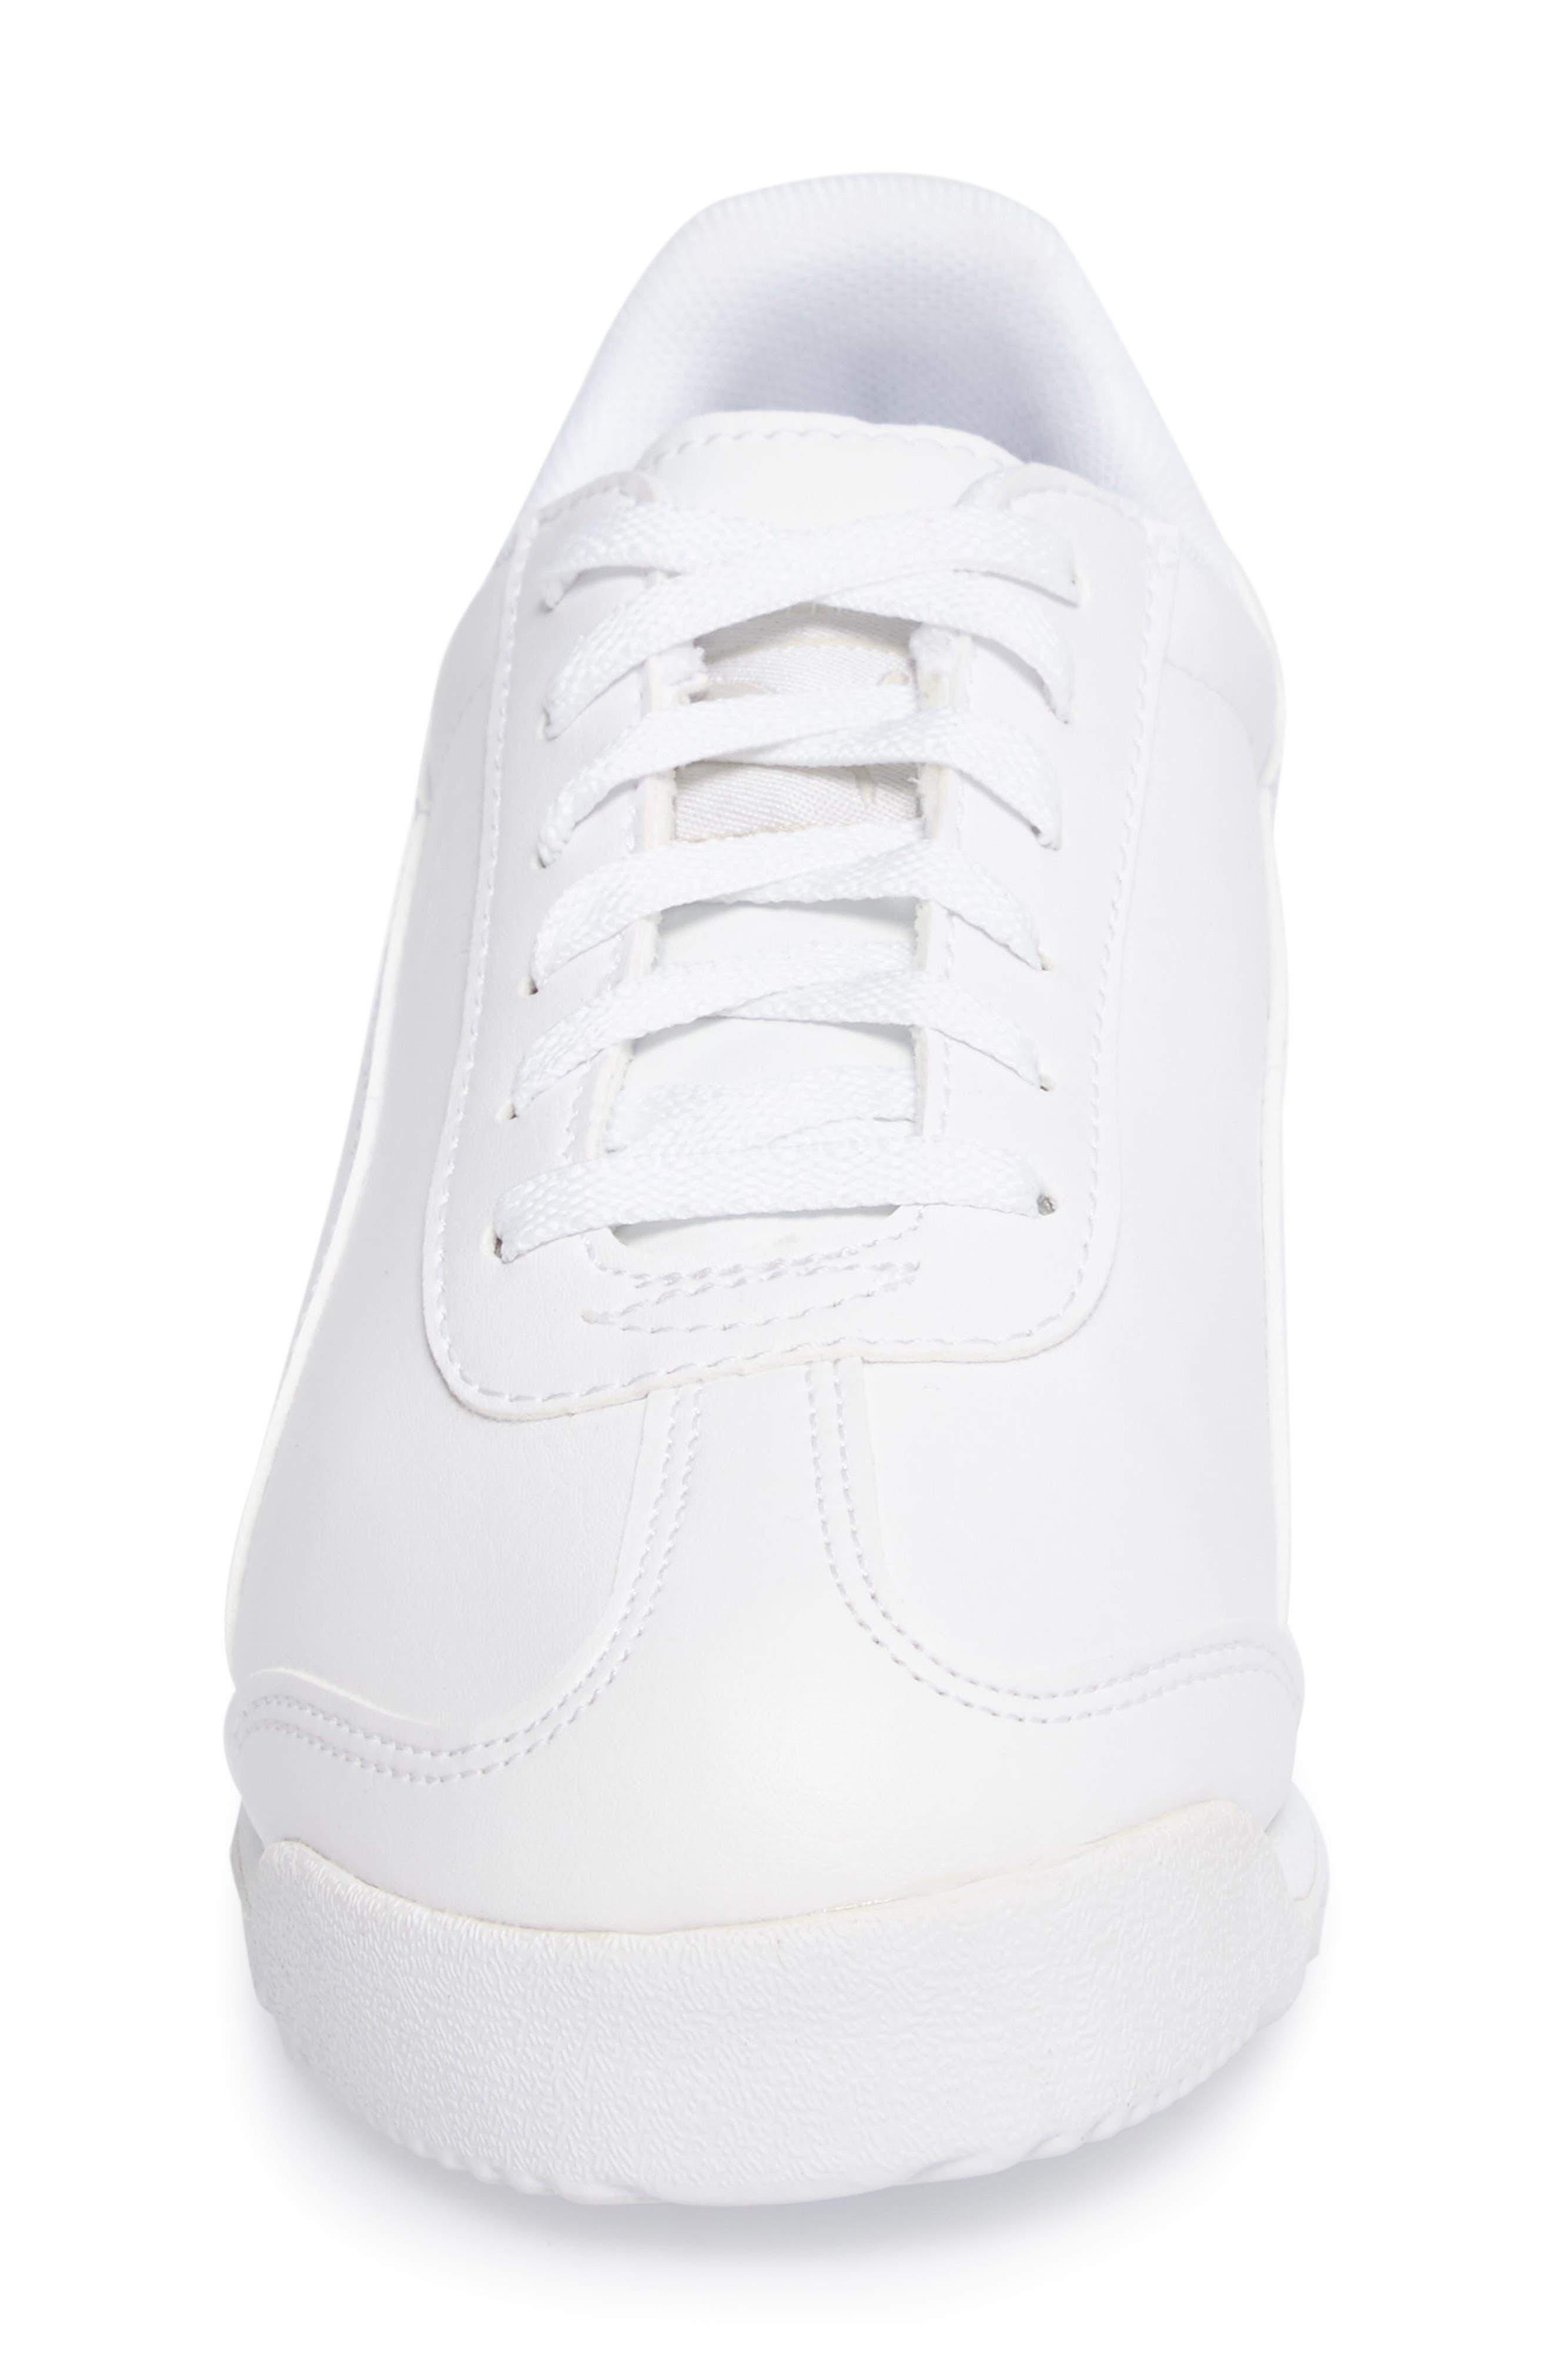 Roma Basic Sneaker,                             Alternate thumbnail 4, color,                             White/ Light Grey